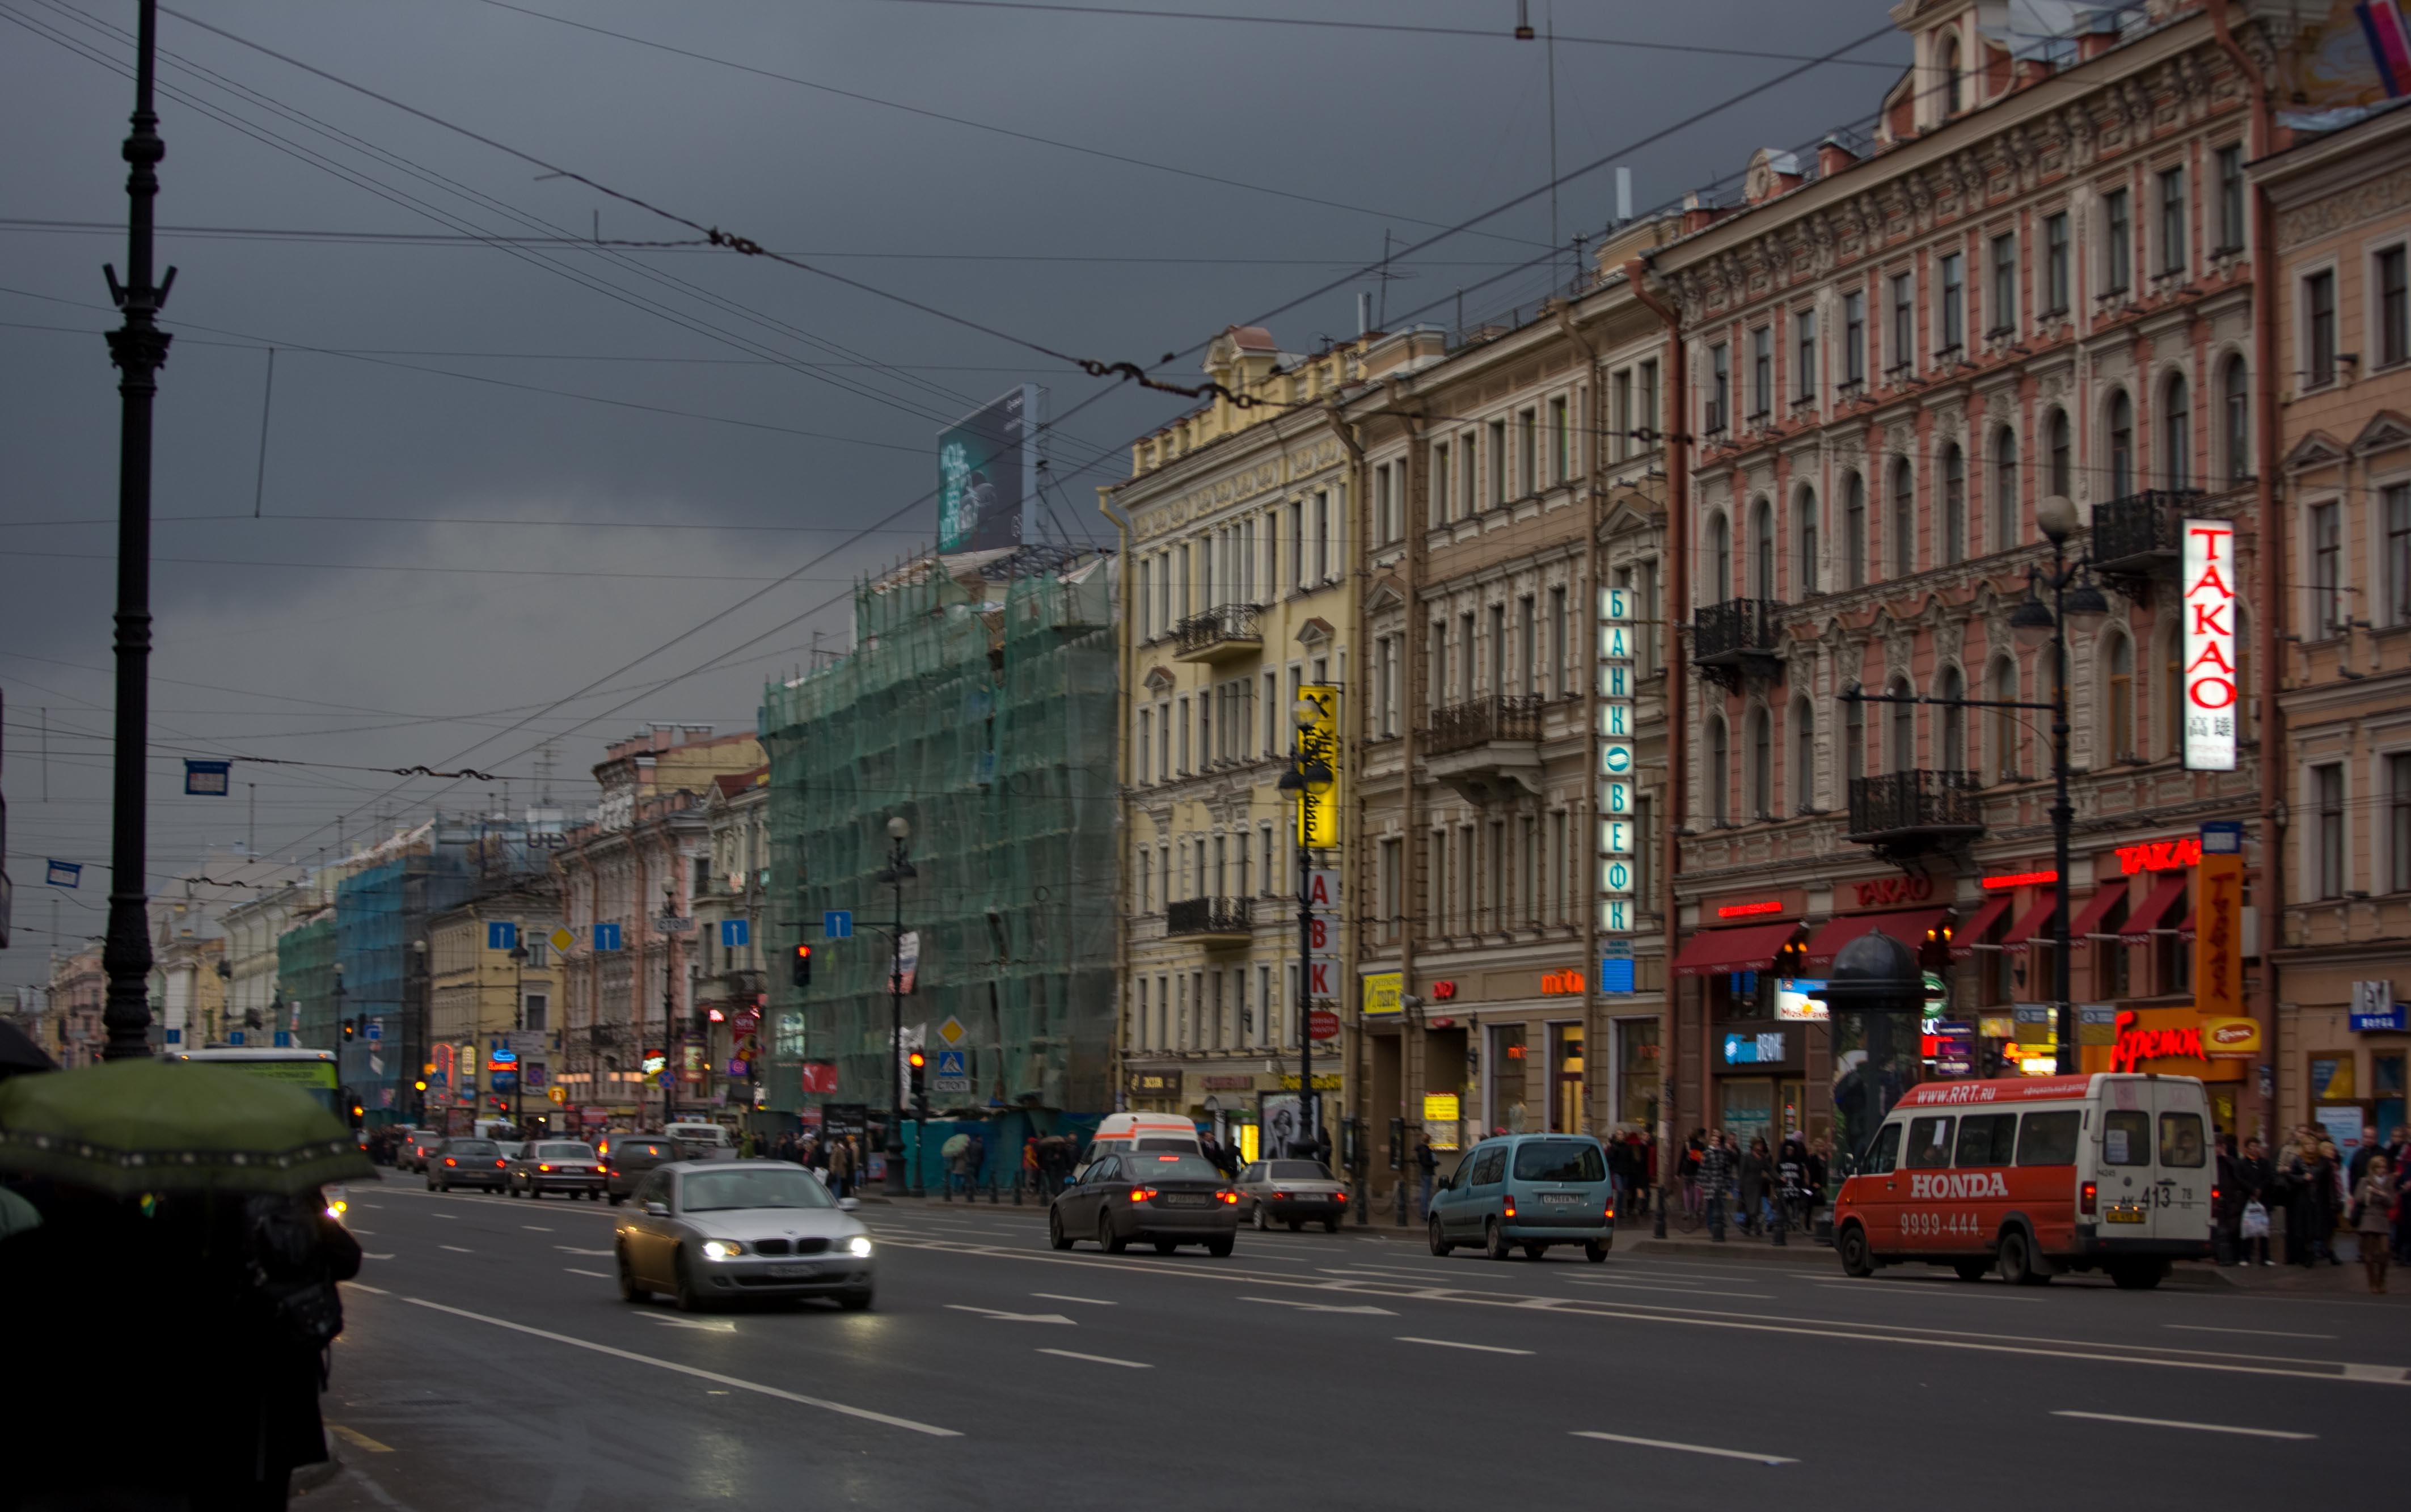 2008-herbst-landschaft-newski-prospekt-russland-sankt-petersburg-stadtpetersburg-2008-8522eric-pawlitzky.jpg